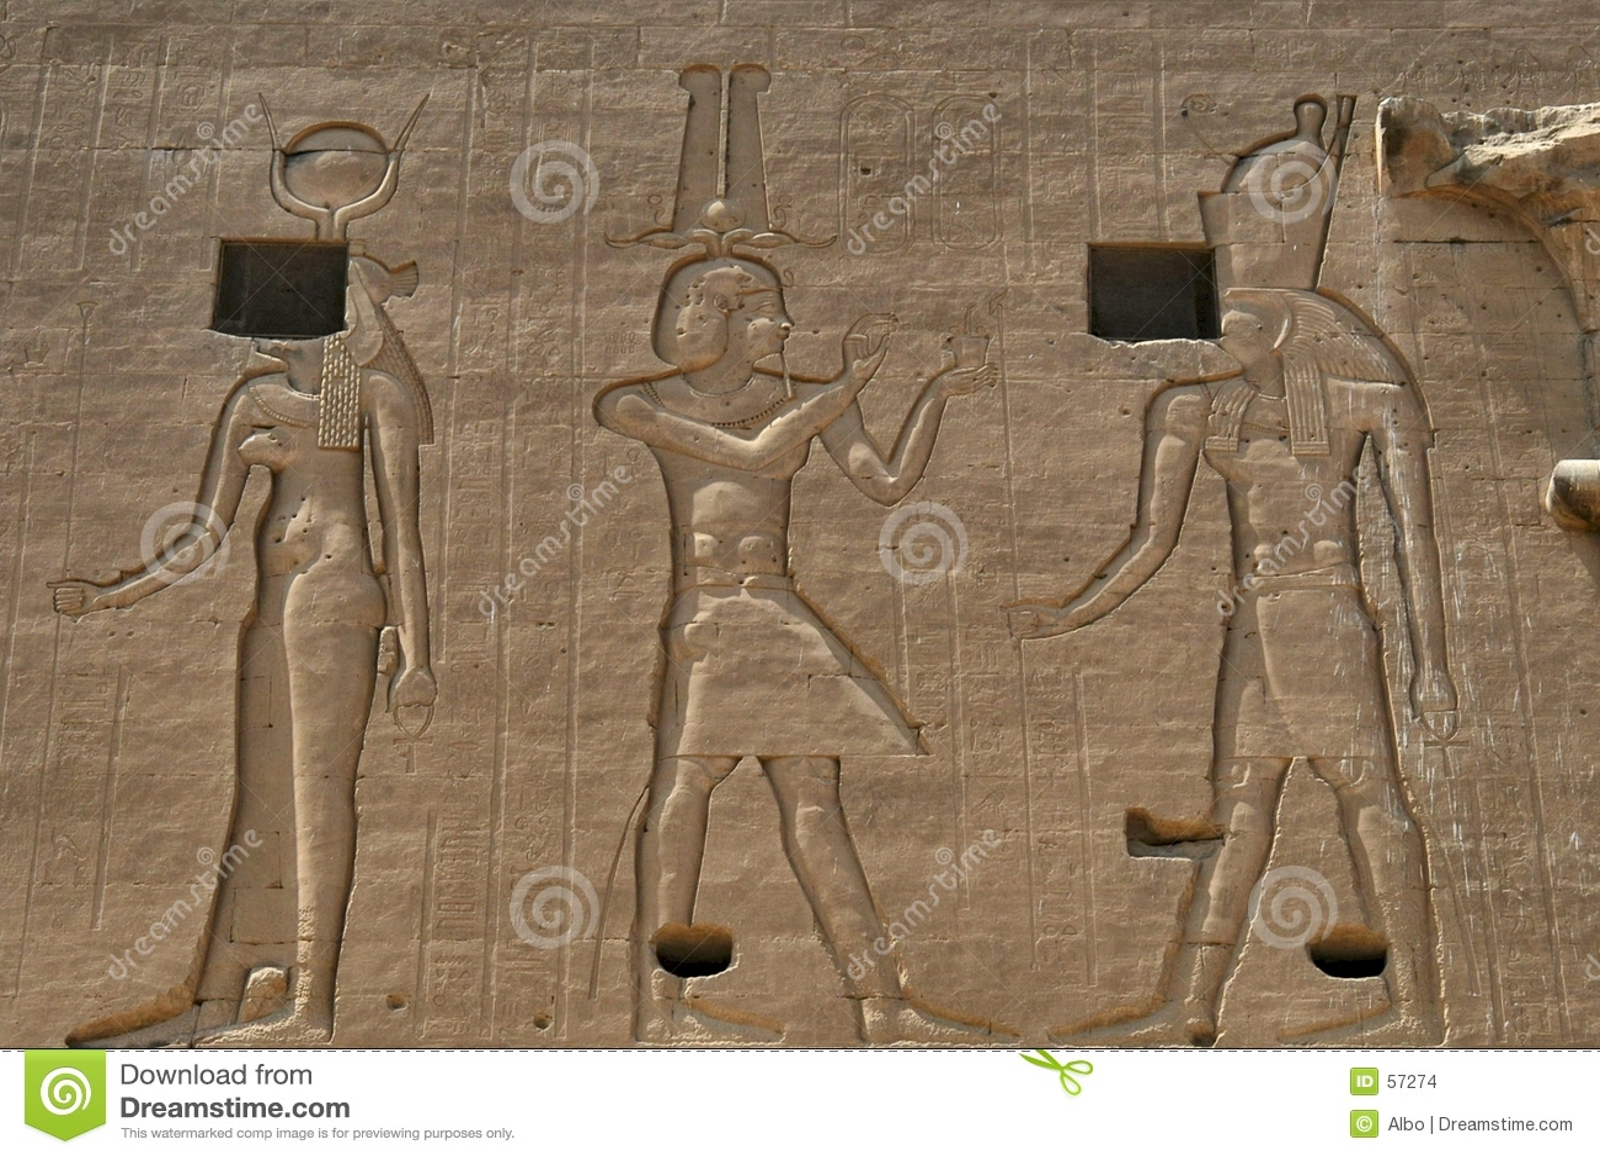 Download Hiéroglyphes égyptiens photo stock. Image du empereur, signe - 57274